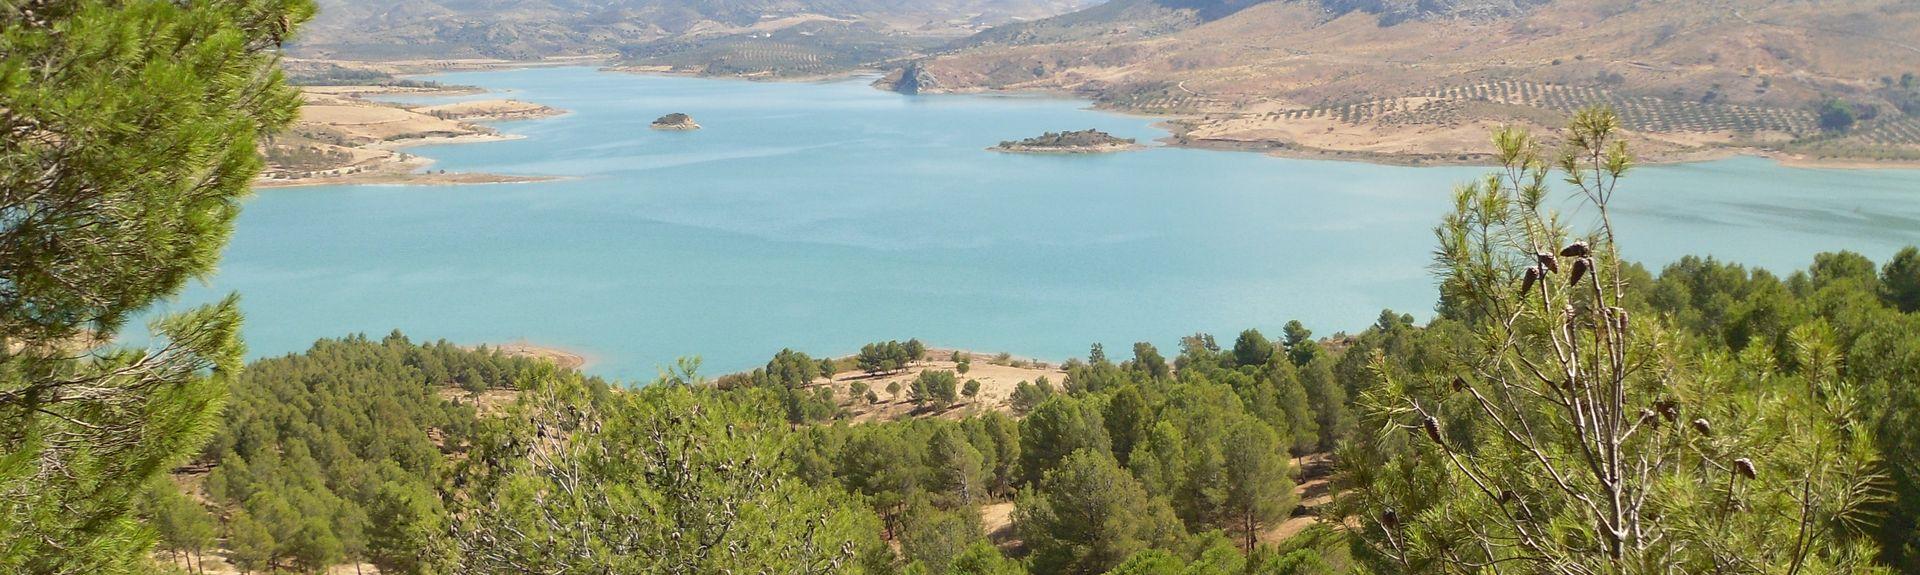 Pizarra, Andaluzia, Espanha